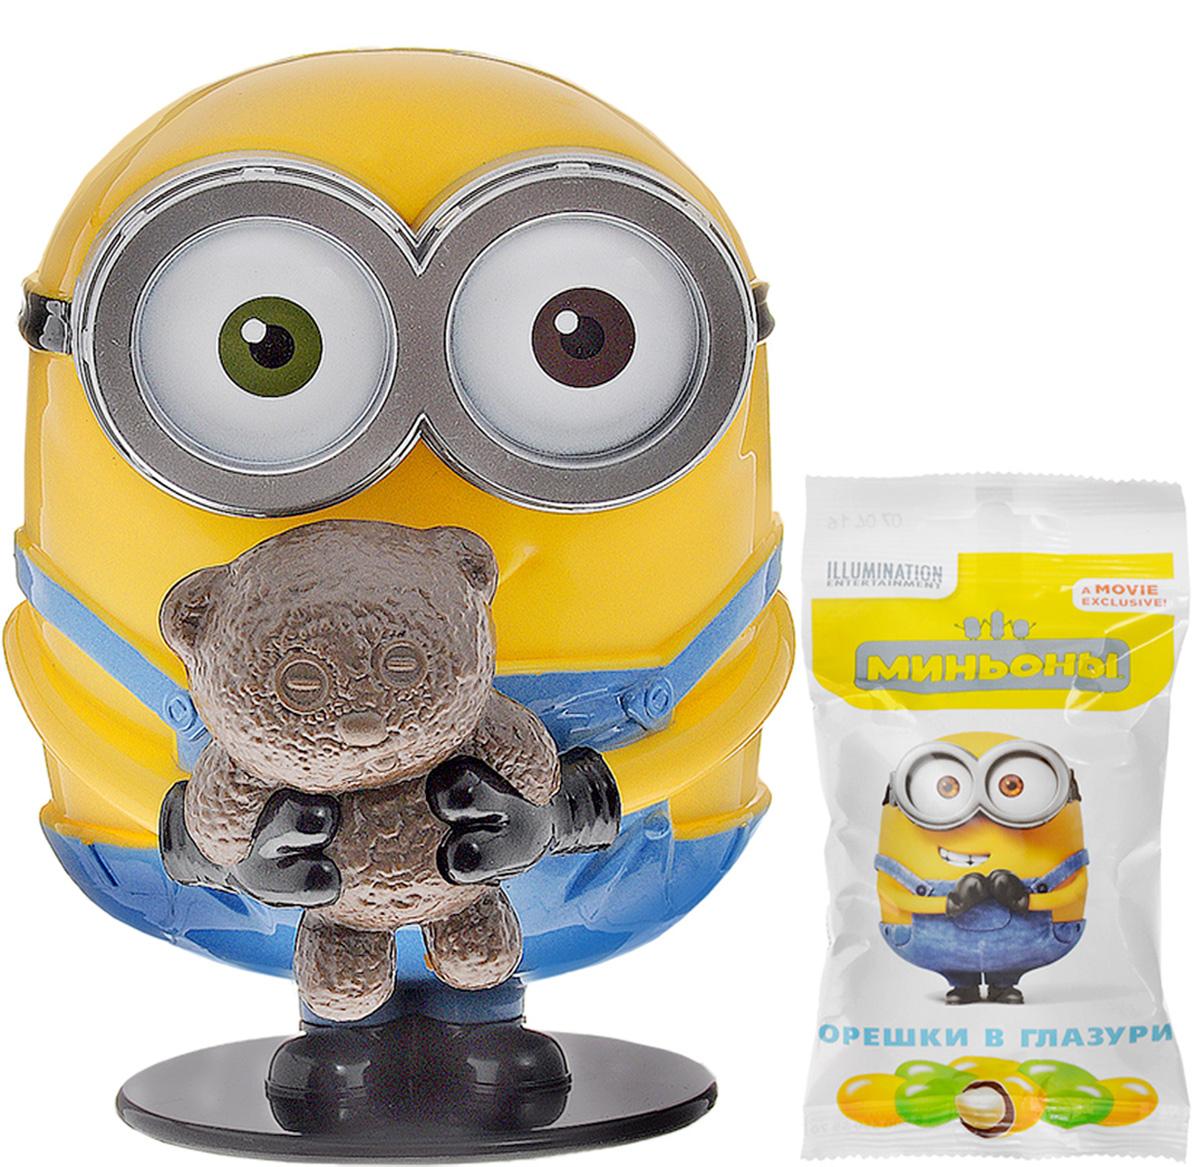 Minions арахис глазированный в игрушке-копилке, 45 г